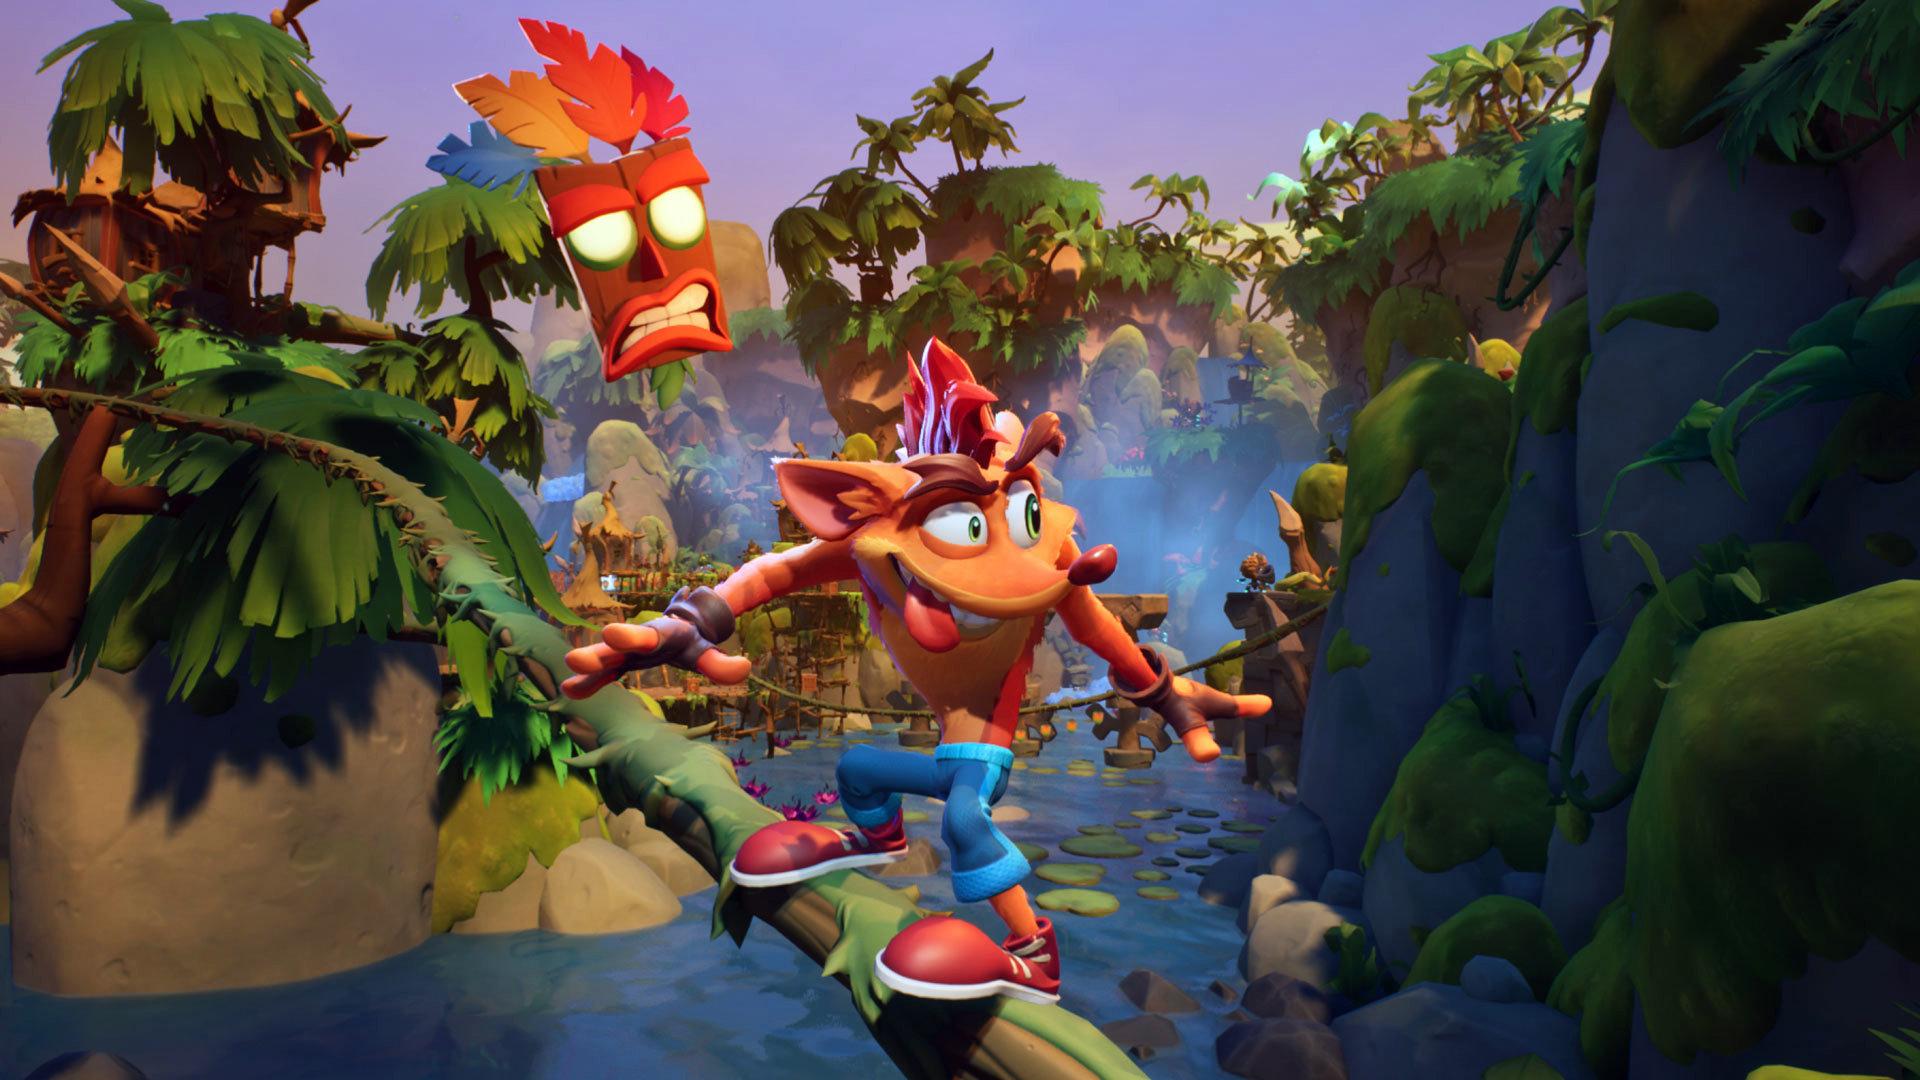 Quelle: Activision - Crash Bandicoot 4: It's About Time